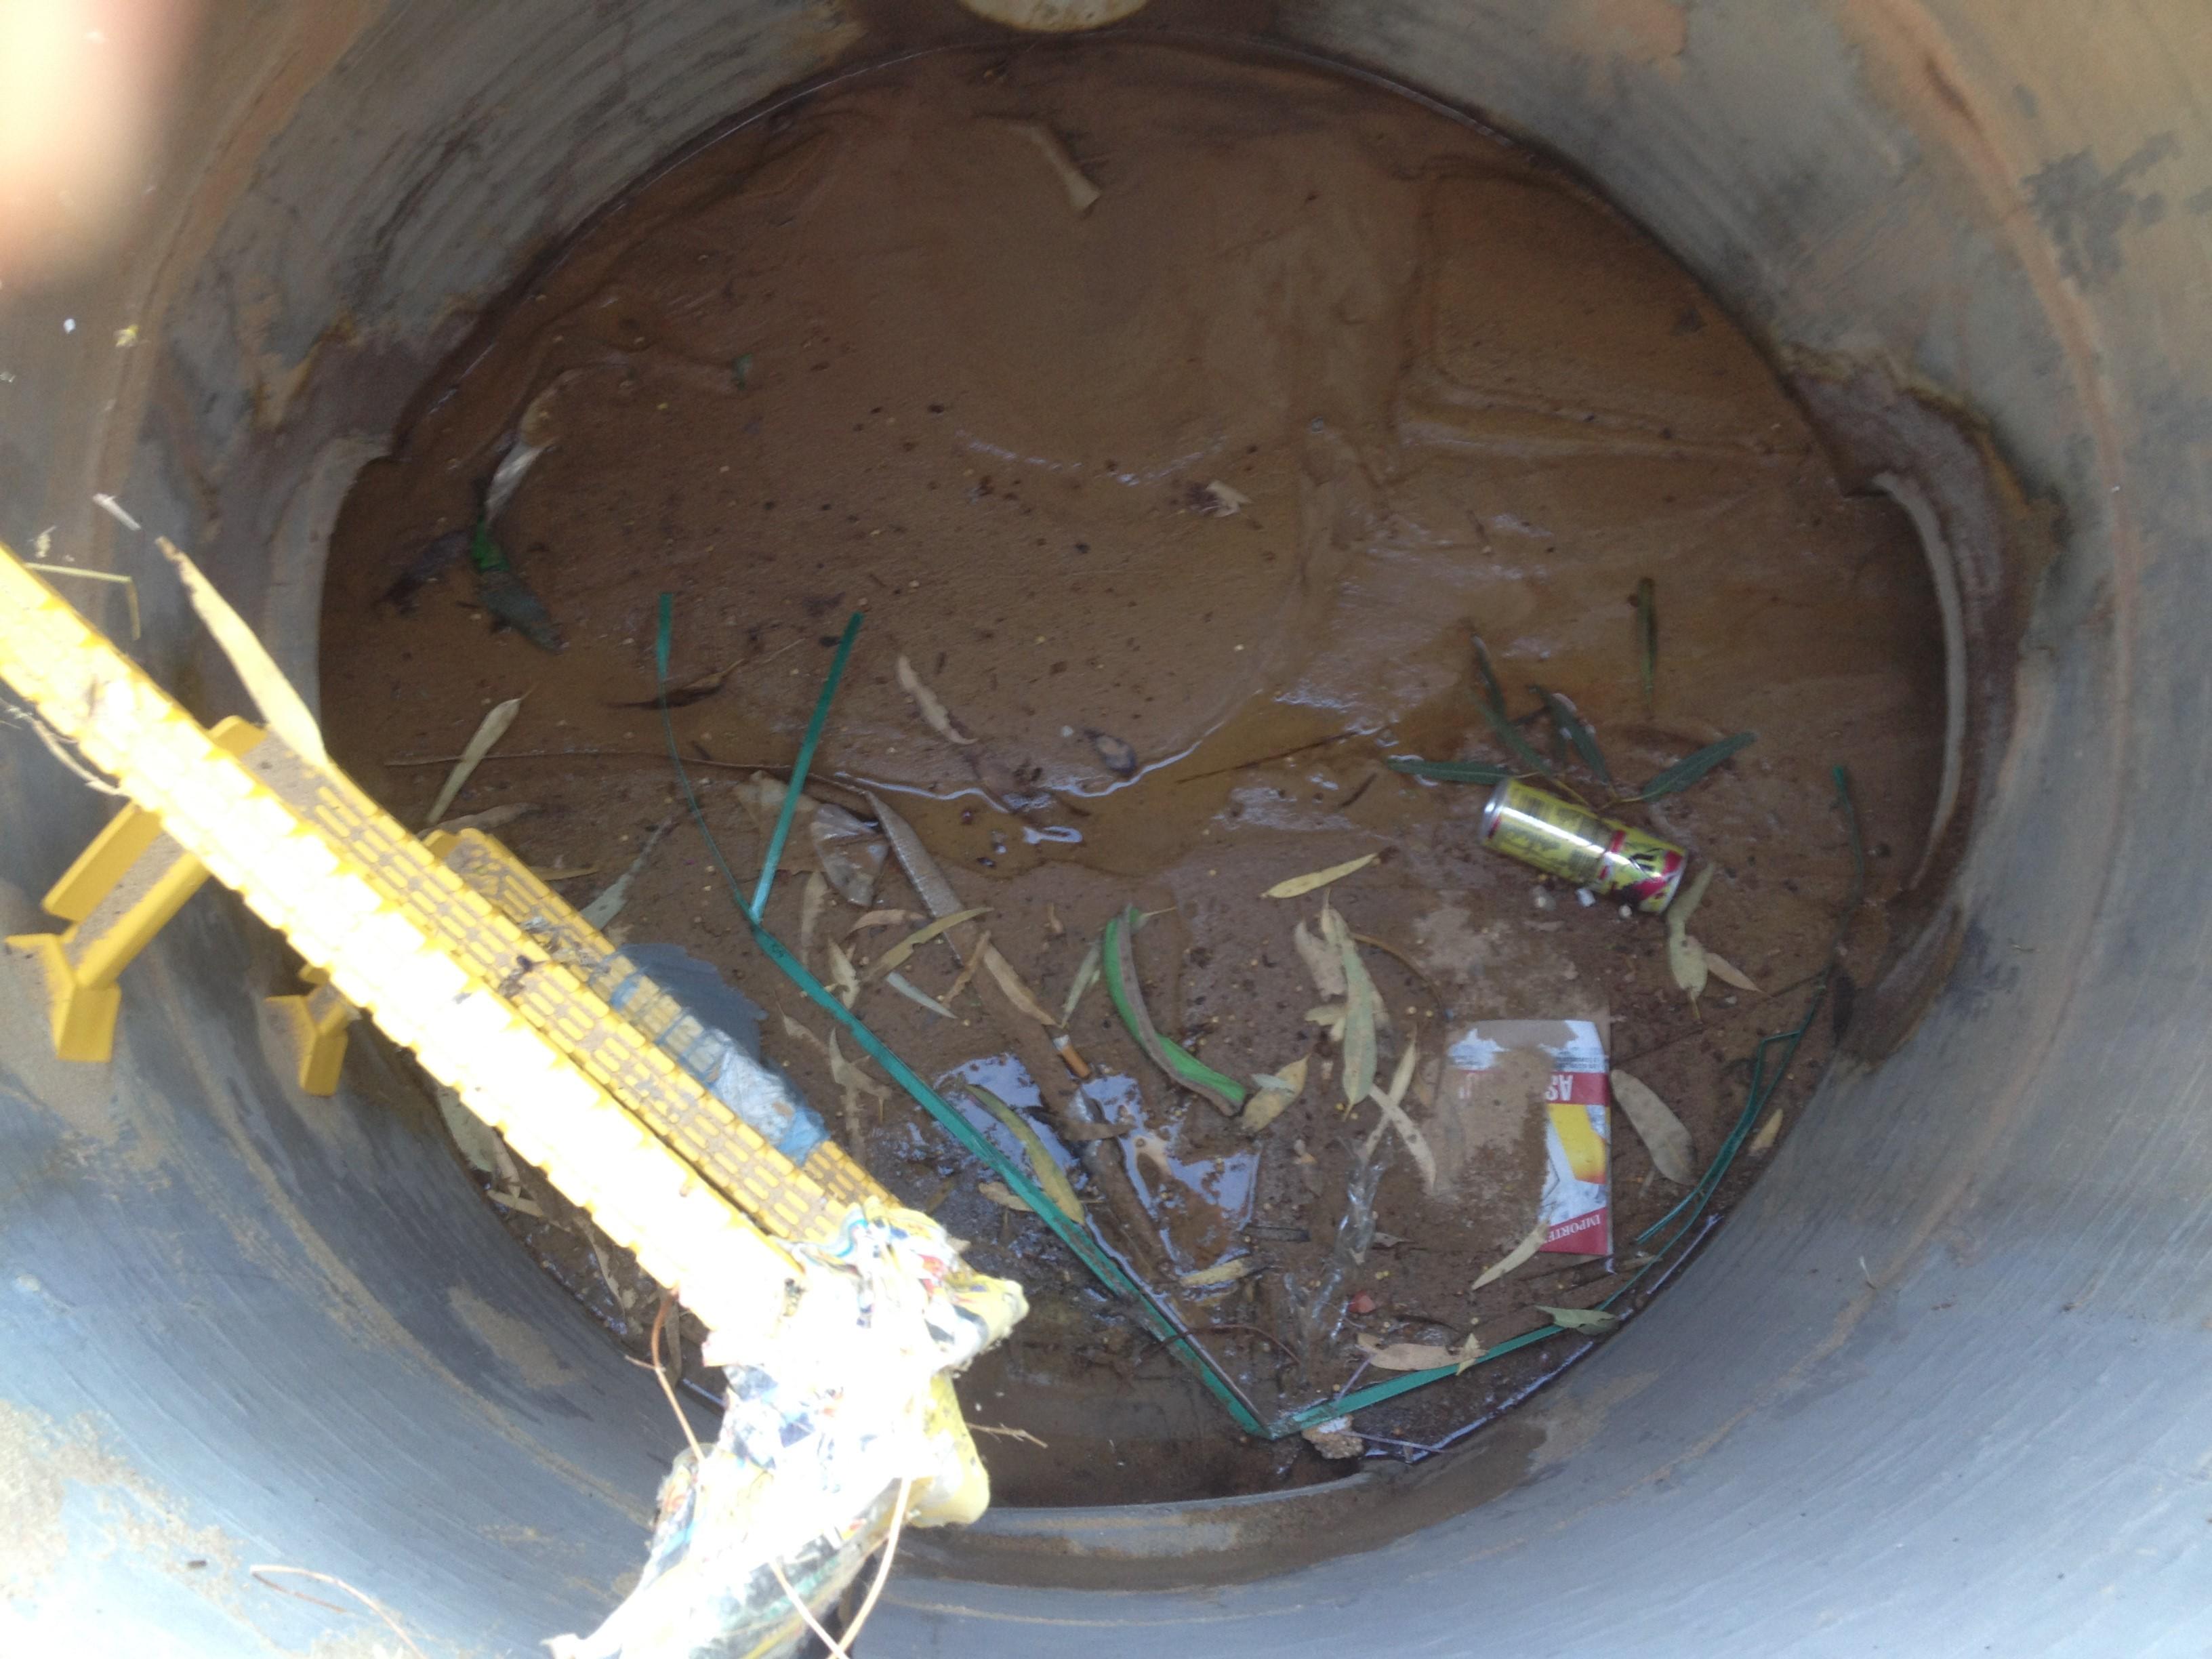 TerraVac Pit Cleanout